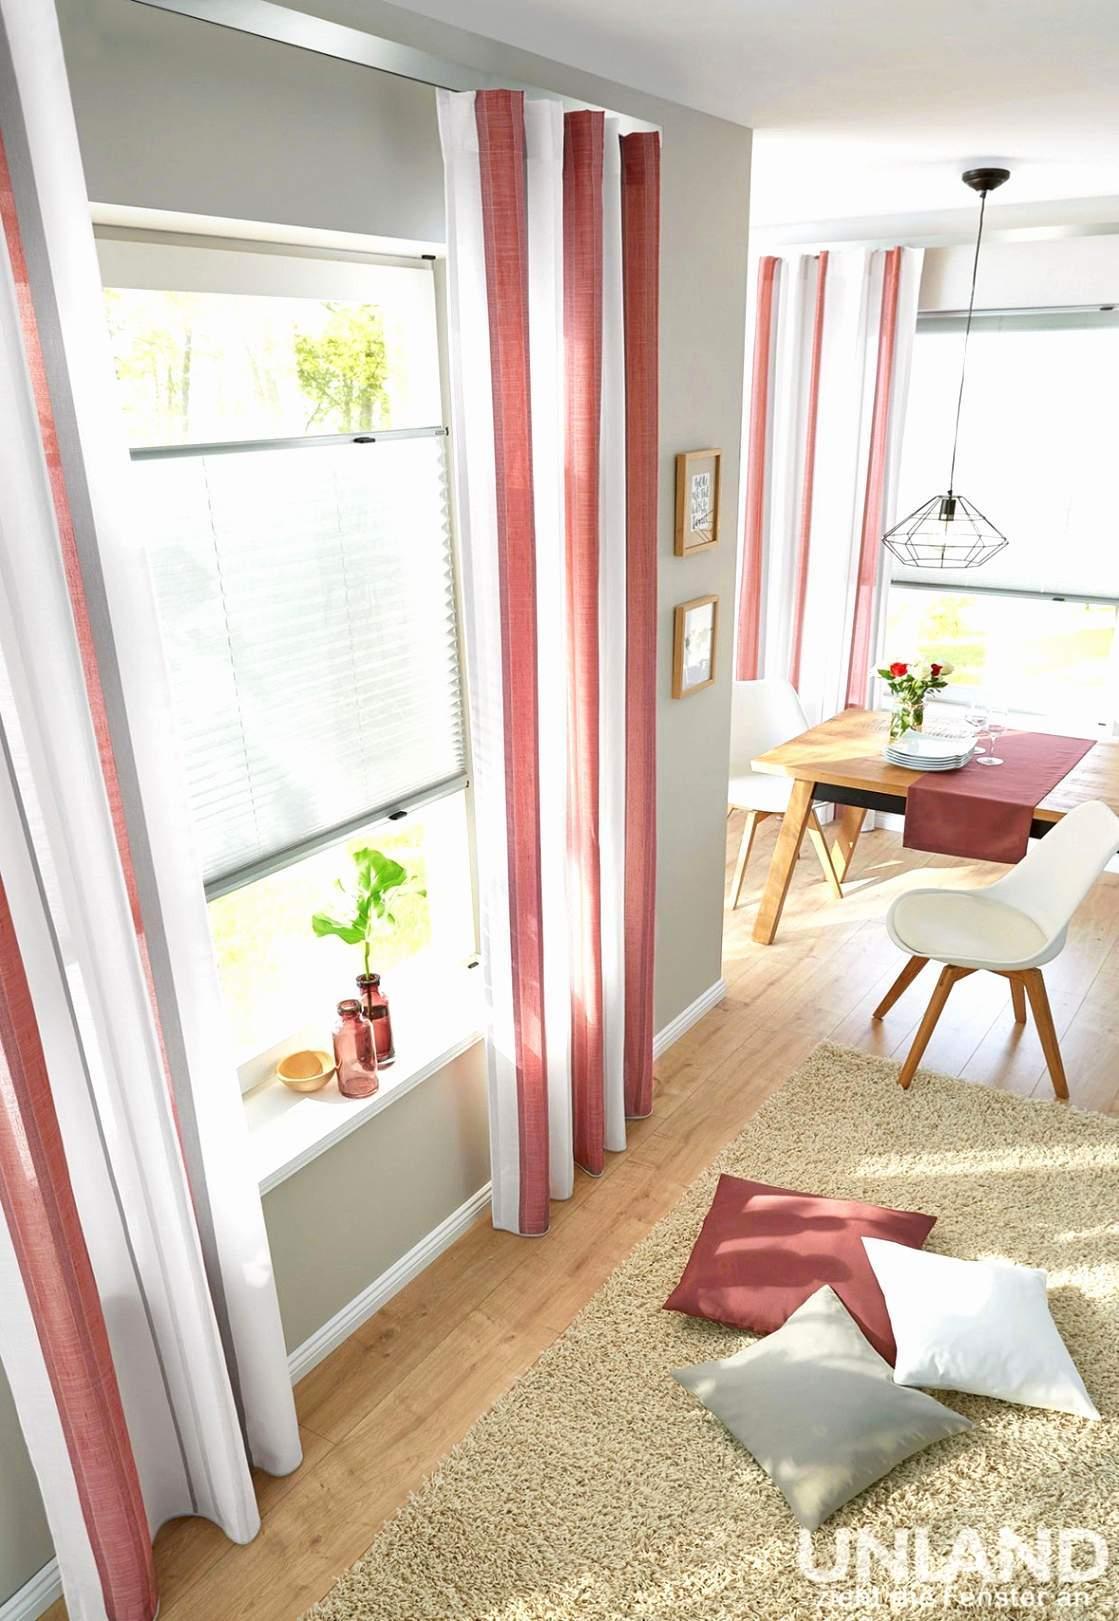 Full Size of Fototapete Grau Regal Schlafzimmer Chesterfield Sofa Weiß Küche Graues Bett 3er Hochglanz Stoff Xxl Wohnzimmer 3 Sitzer Big Fenster Wohnzimmer Fototapete Grau